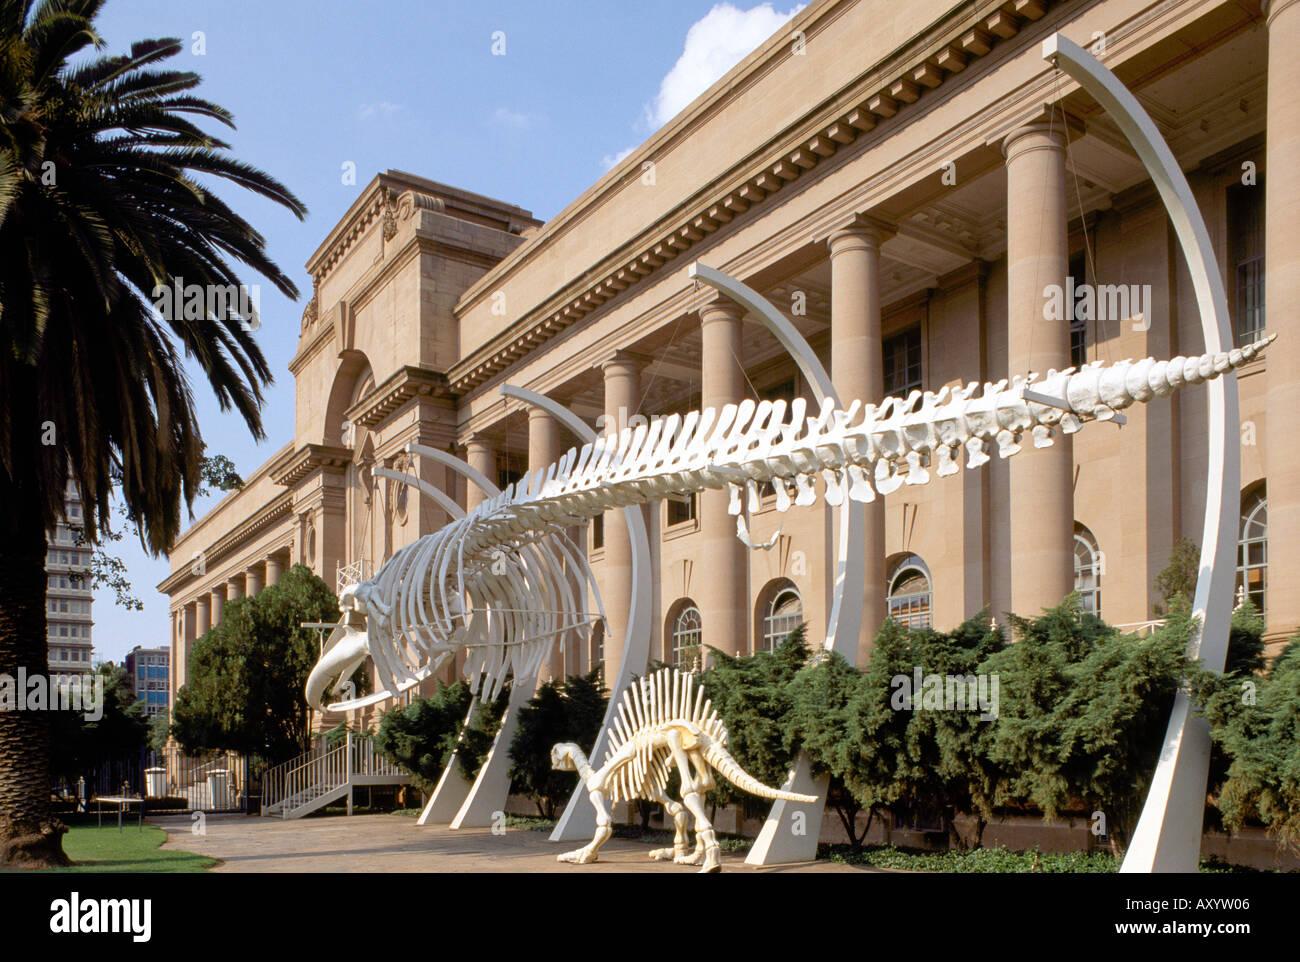 Pretoria, Transvaalmuseum, Naturkundemuseum - Stock Image